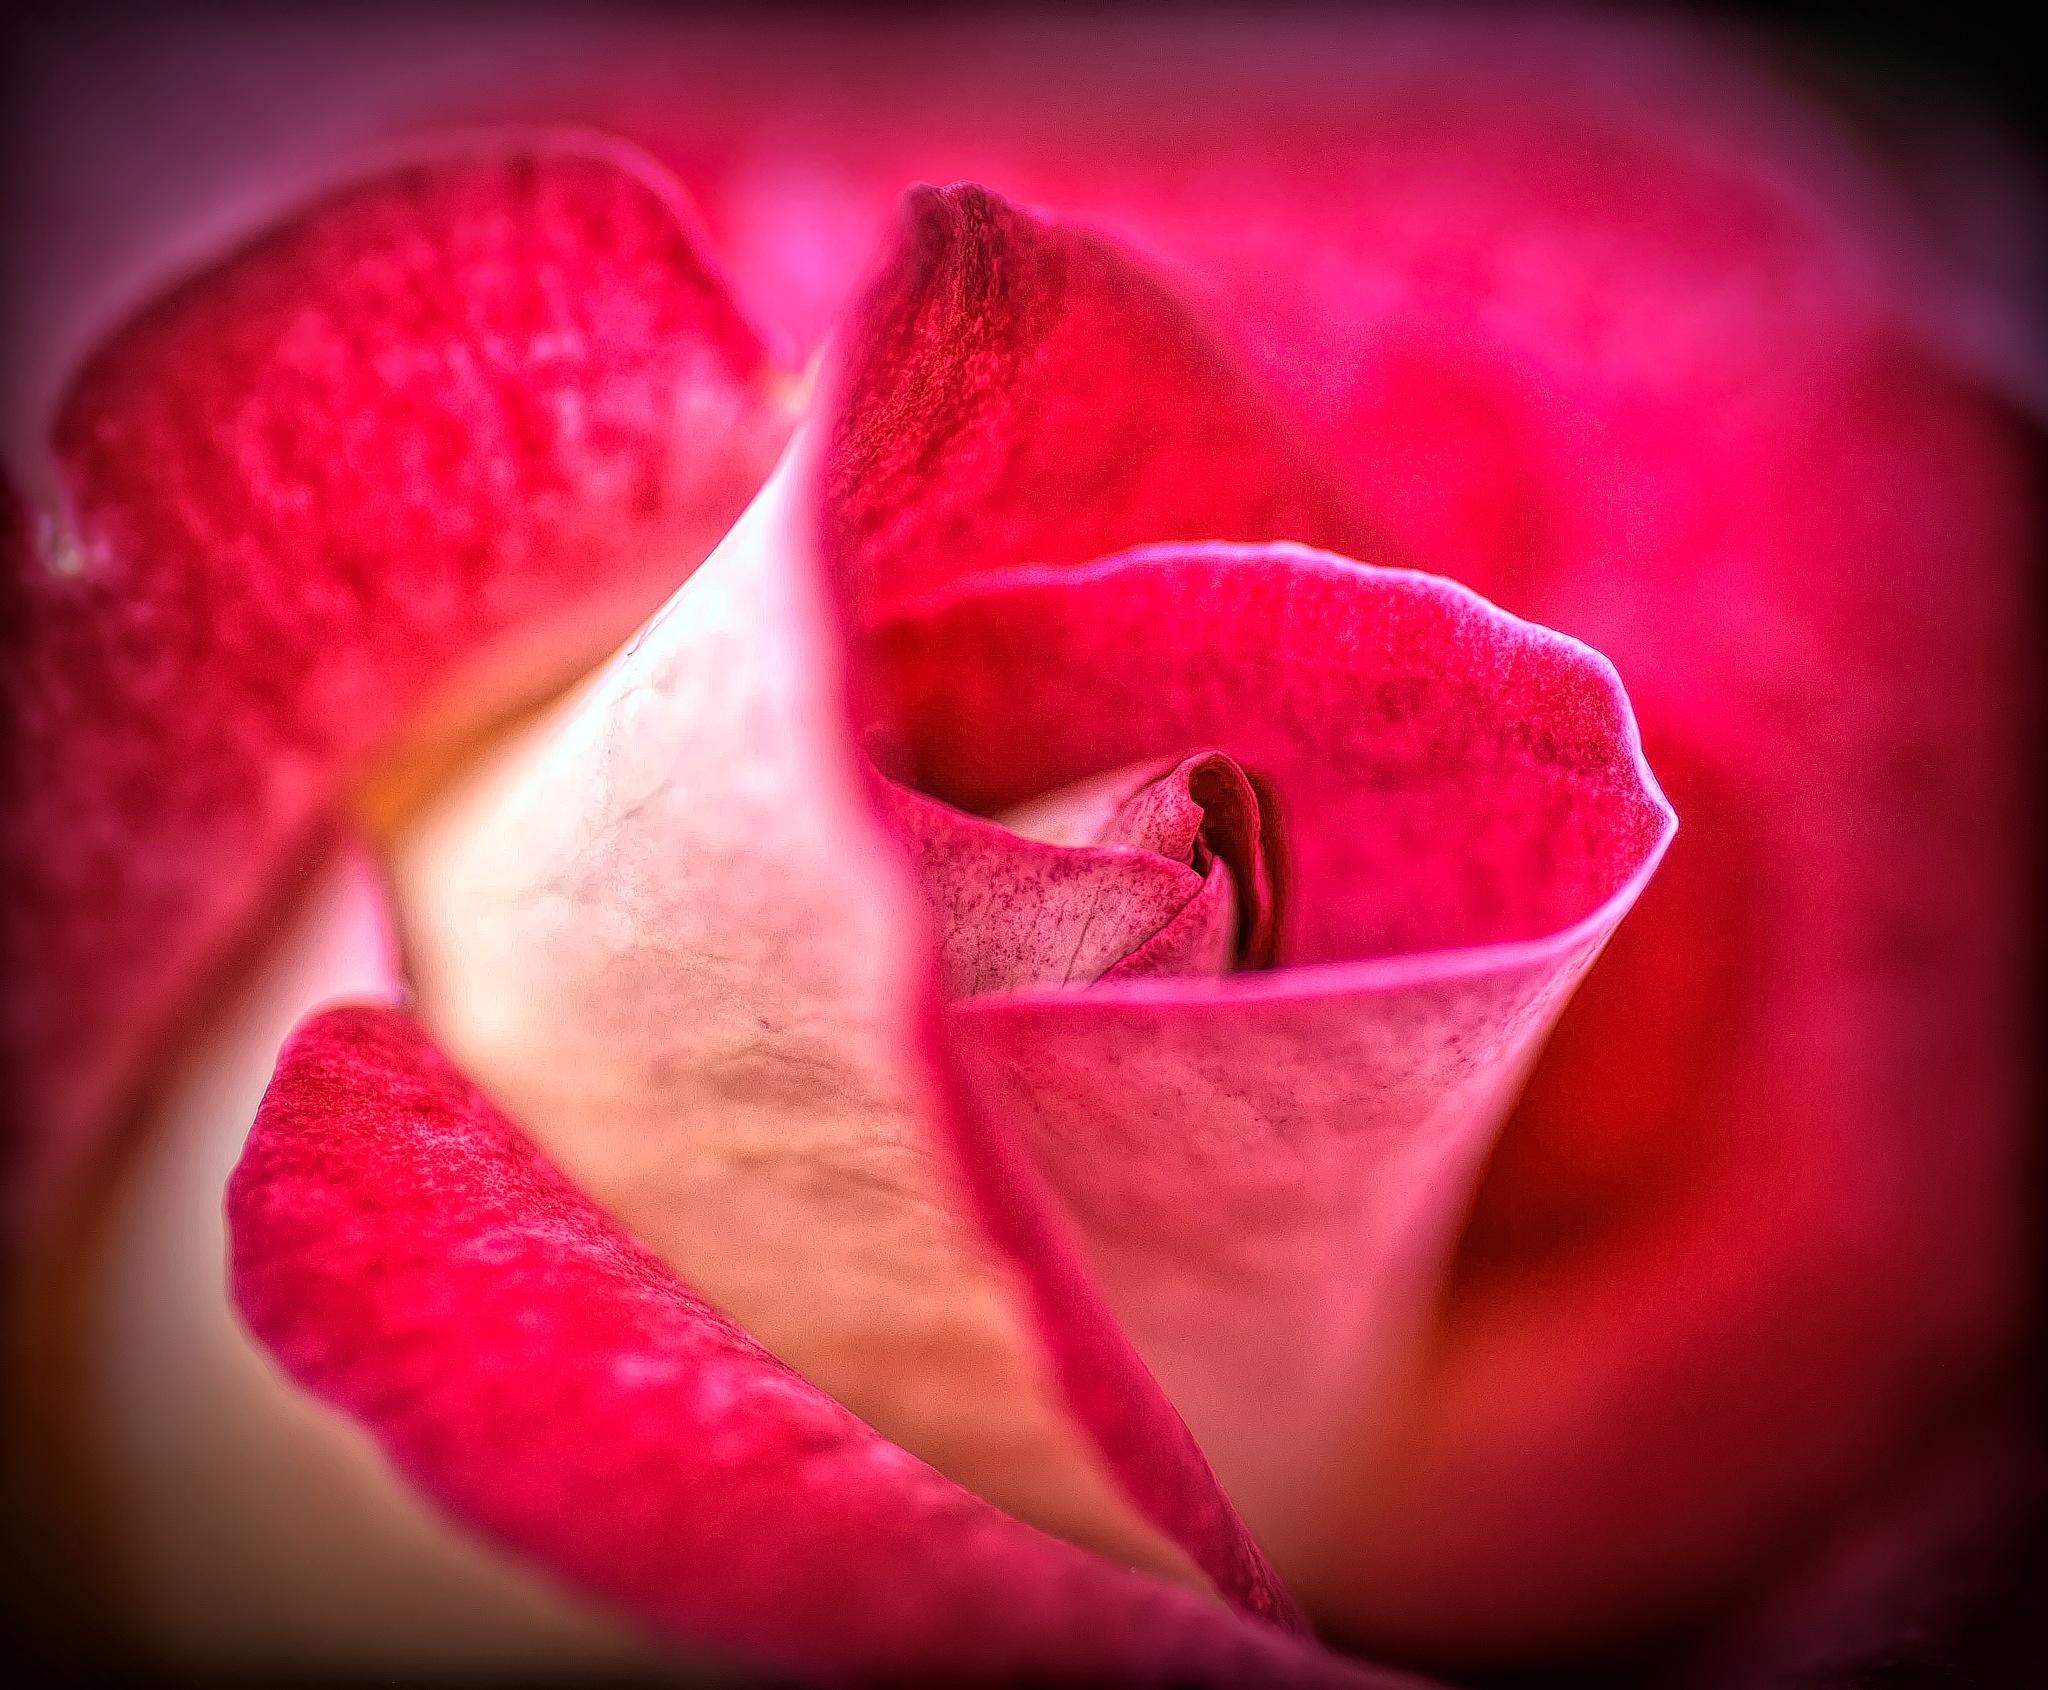 Rose. by Ron Metz